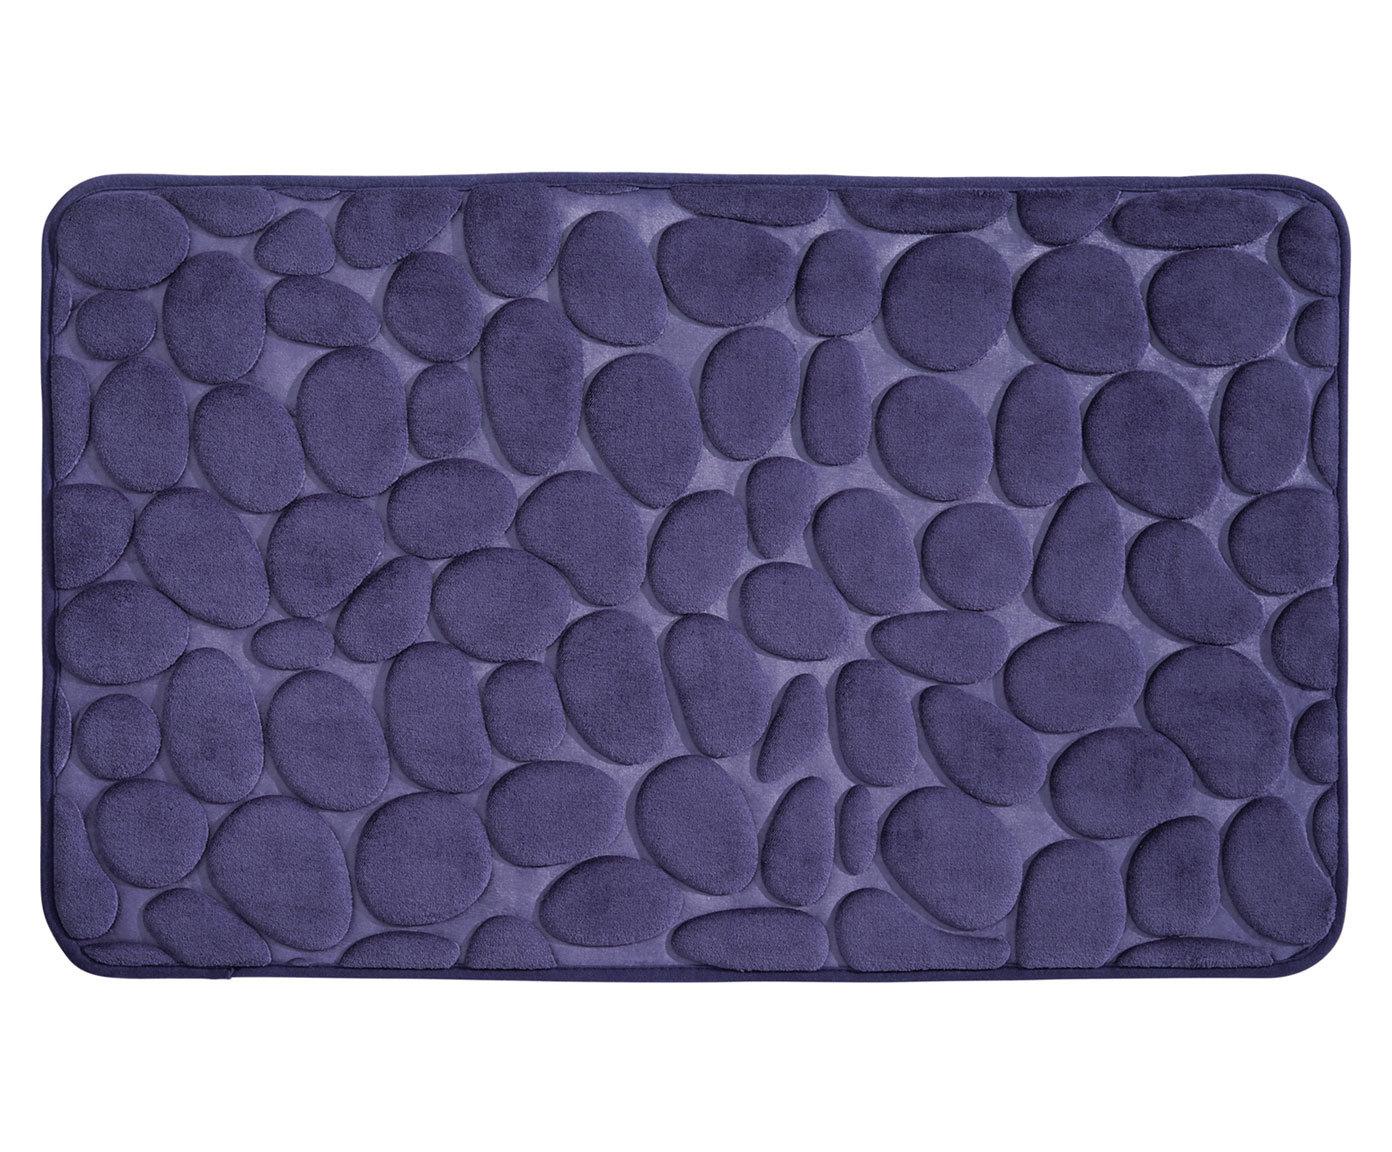 Купить со скидкой Коврик Memory Foam для ванной комнаты